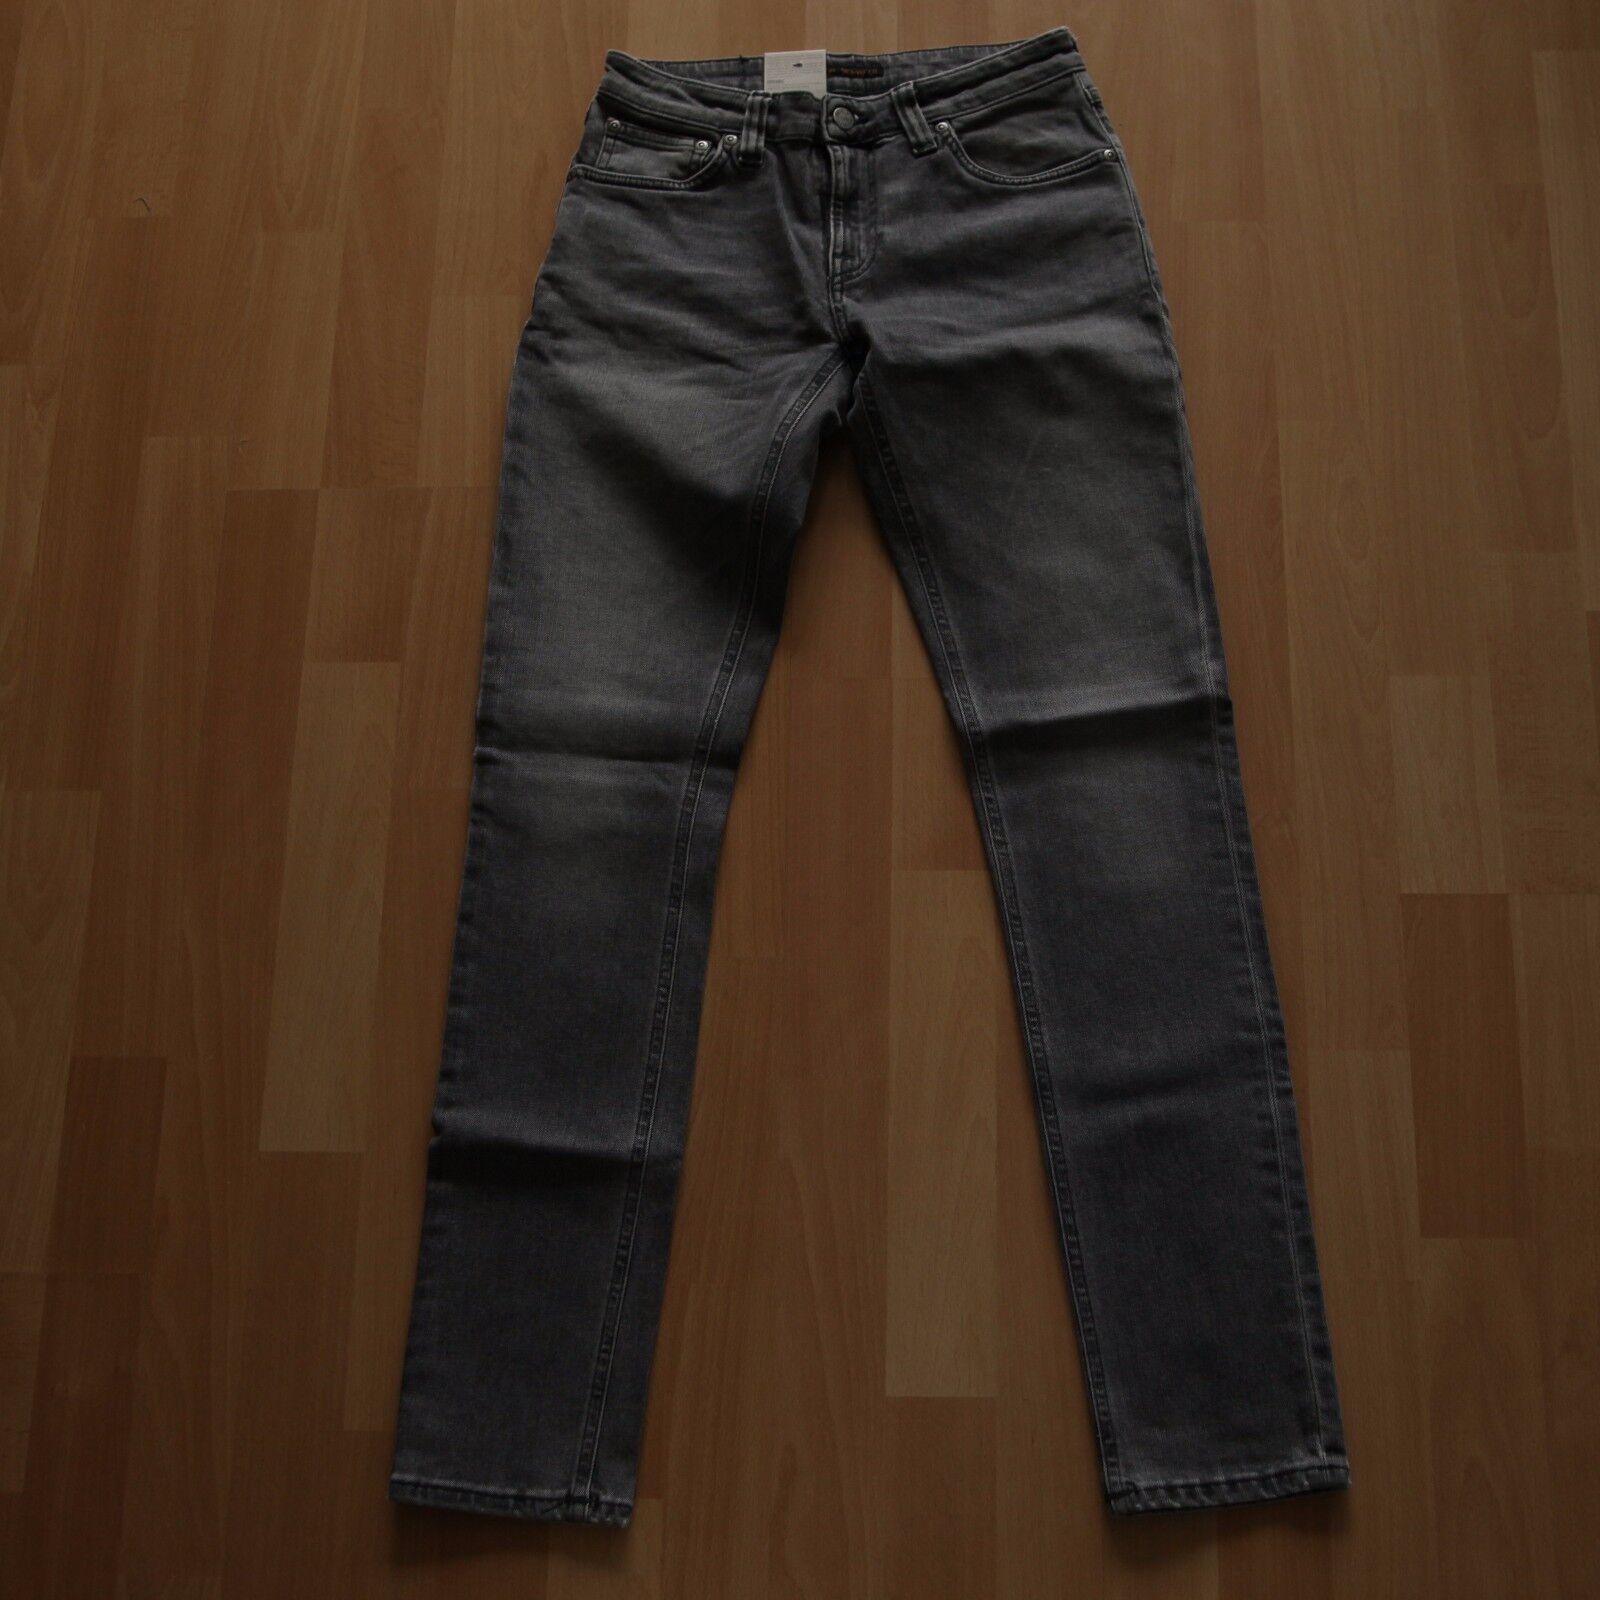 NEU Nudie Jeans Skinny LIN (skinny legs) Organic Grey Wolf 28 32